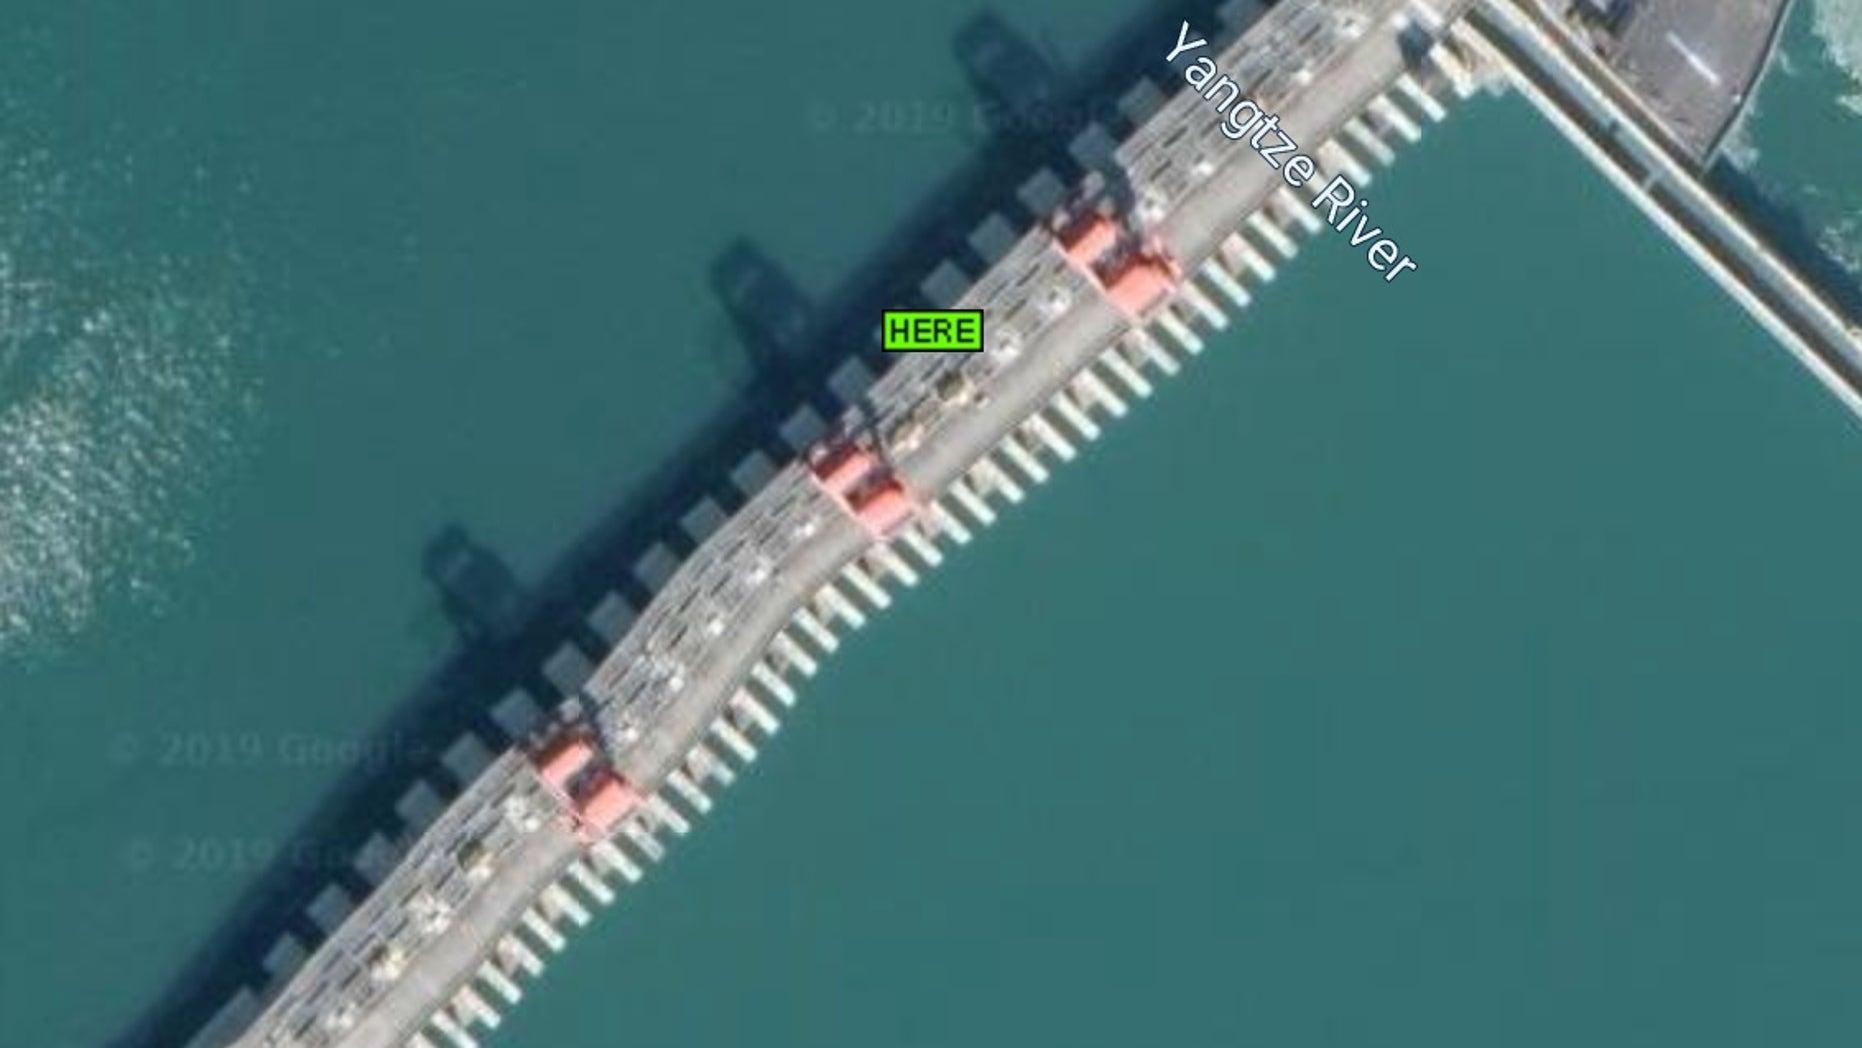 Three-Gorges-Dam-GoogleMyMaps.jpg?ve=1&t